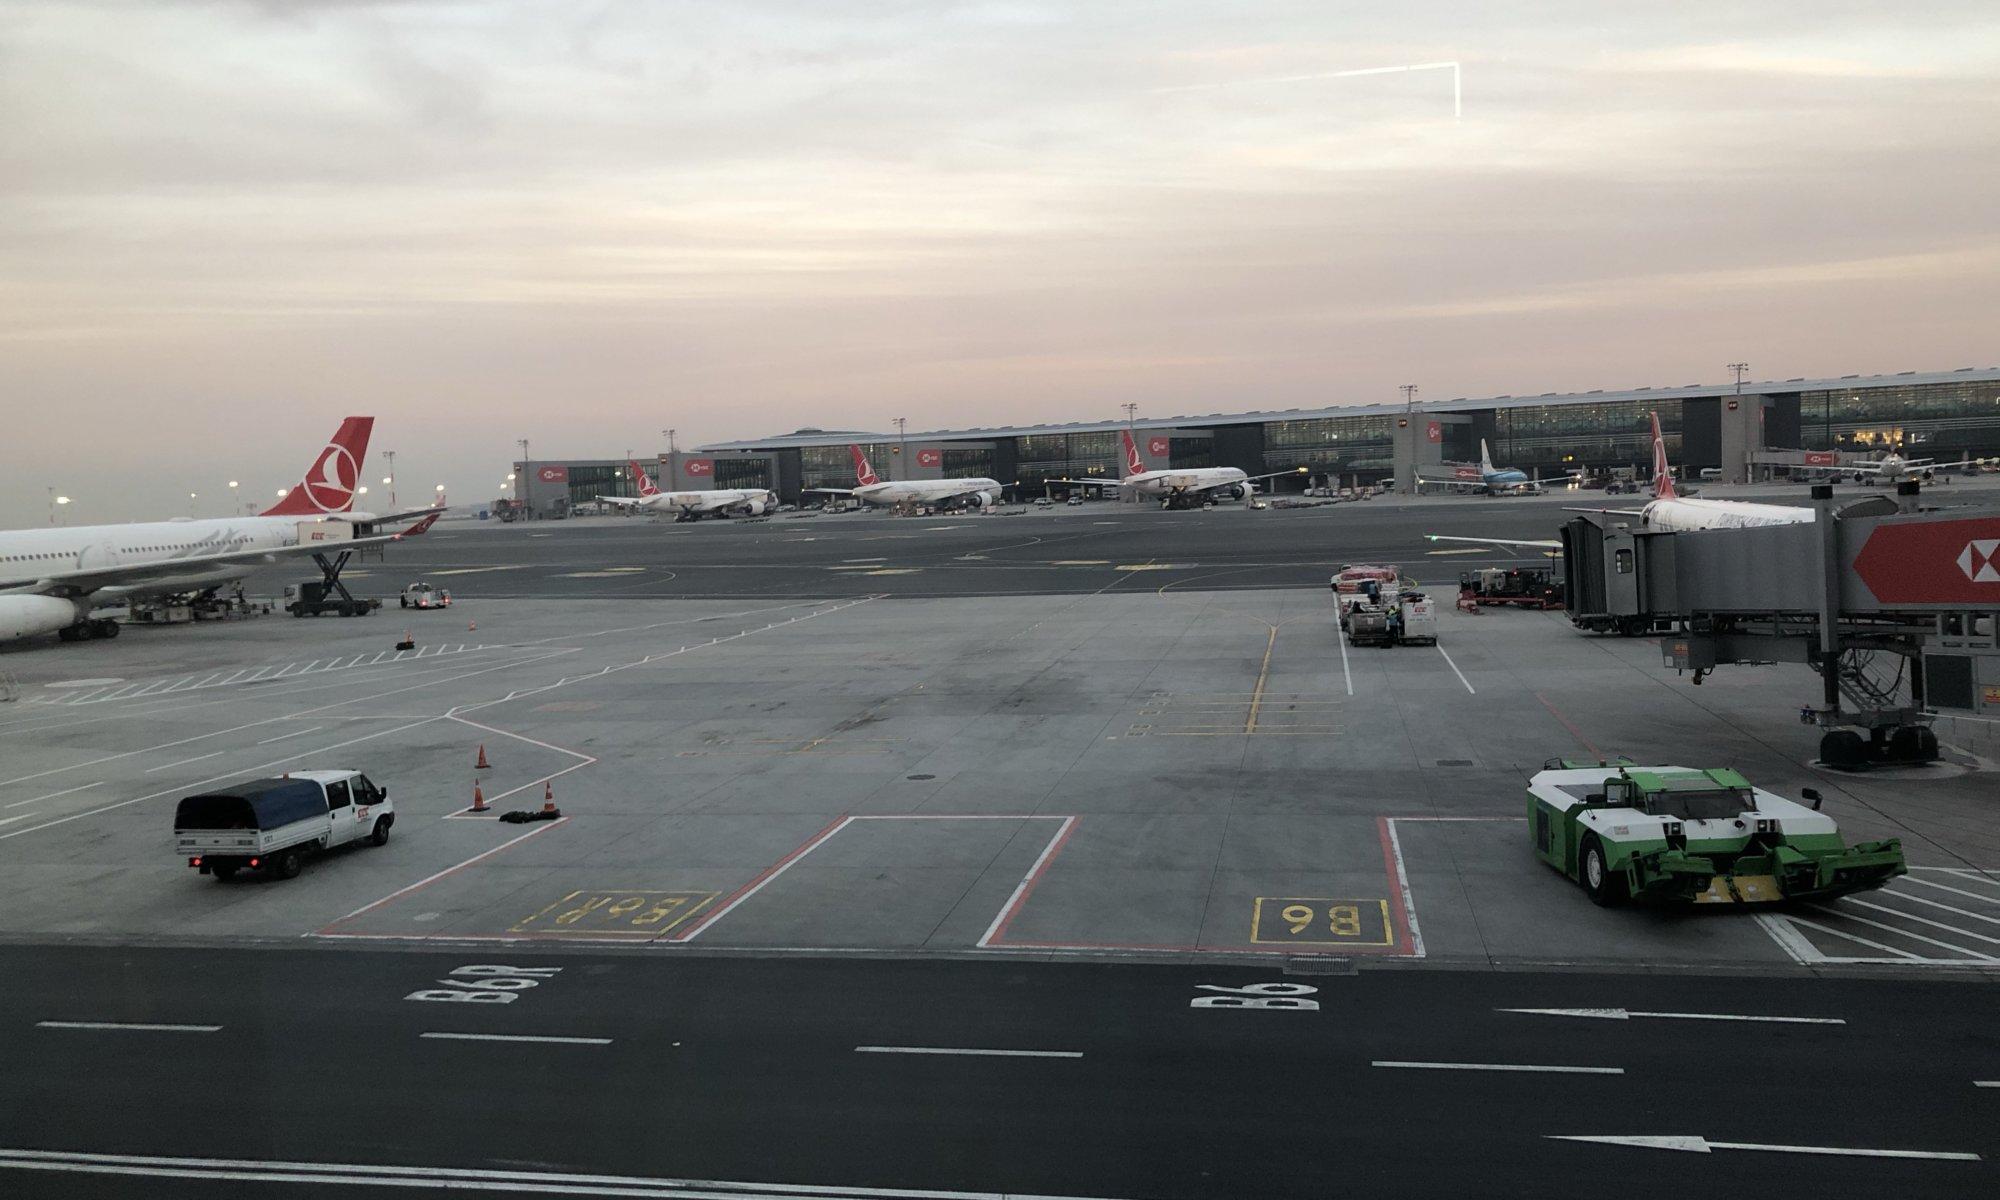 İstanbul Havalimanı, Turkey